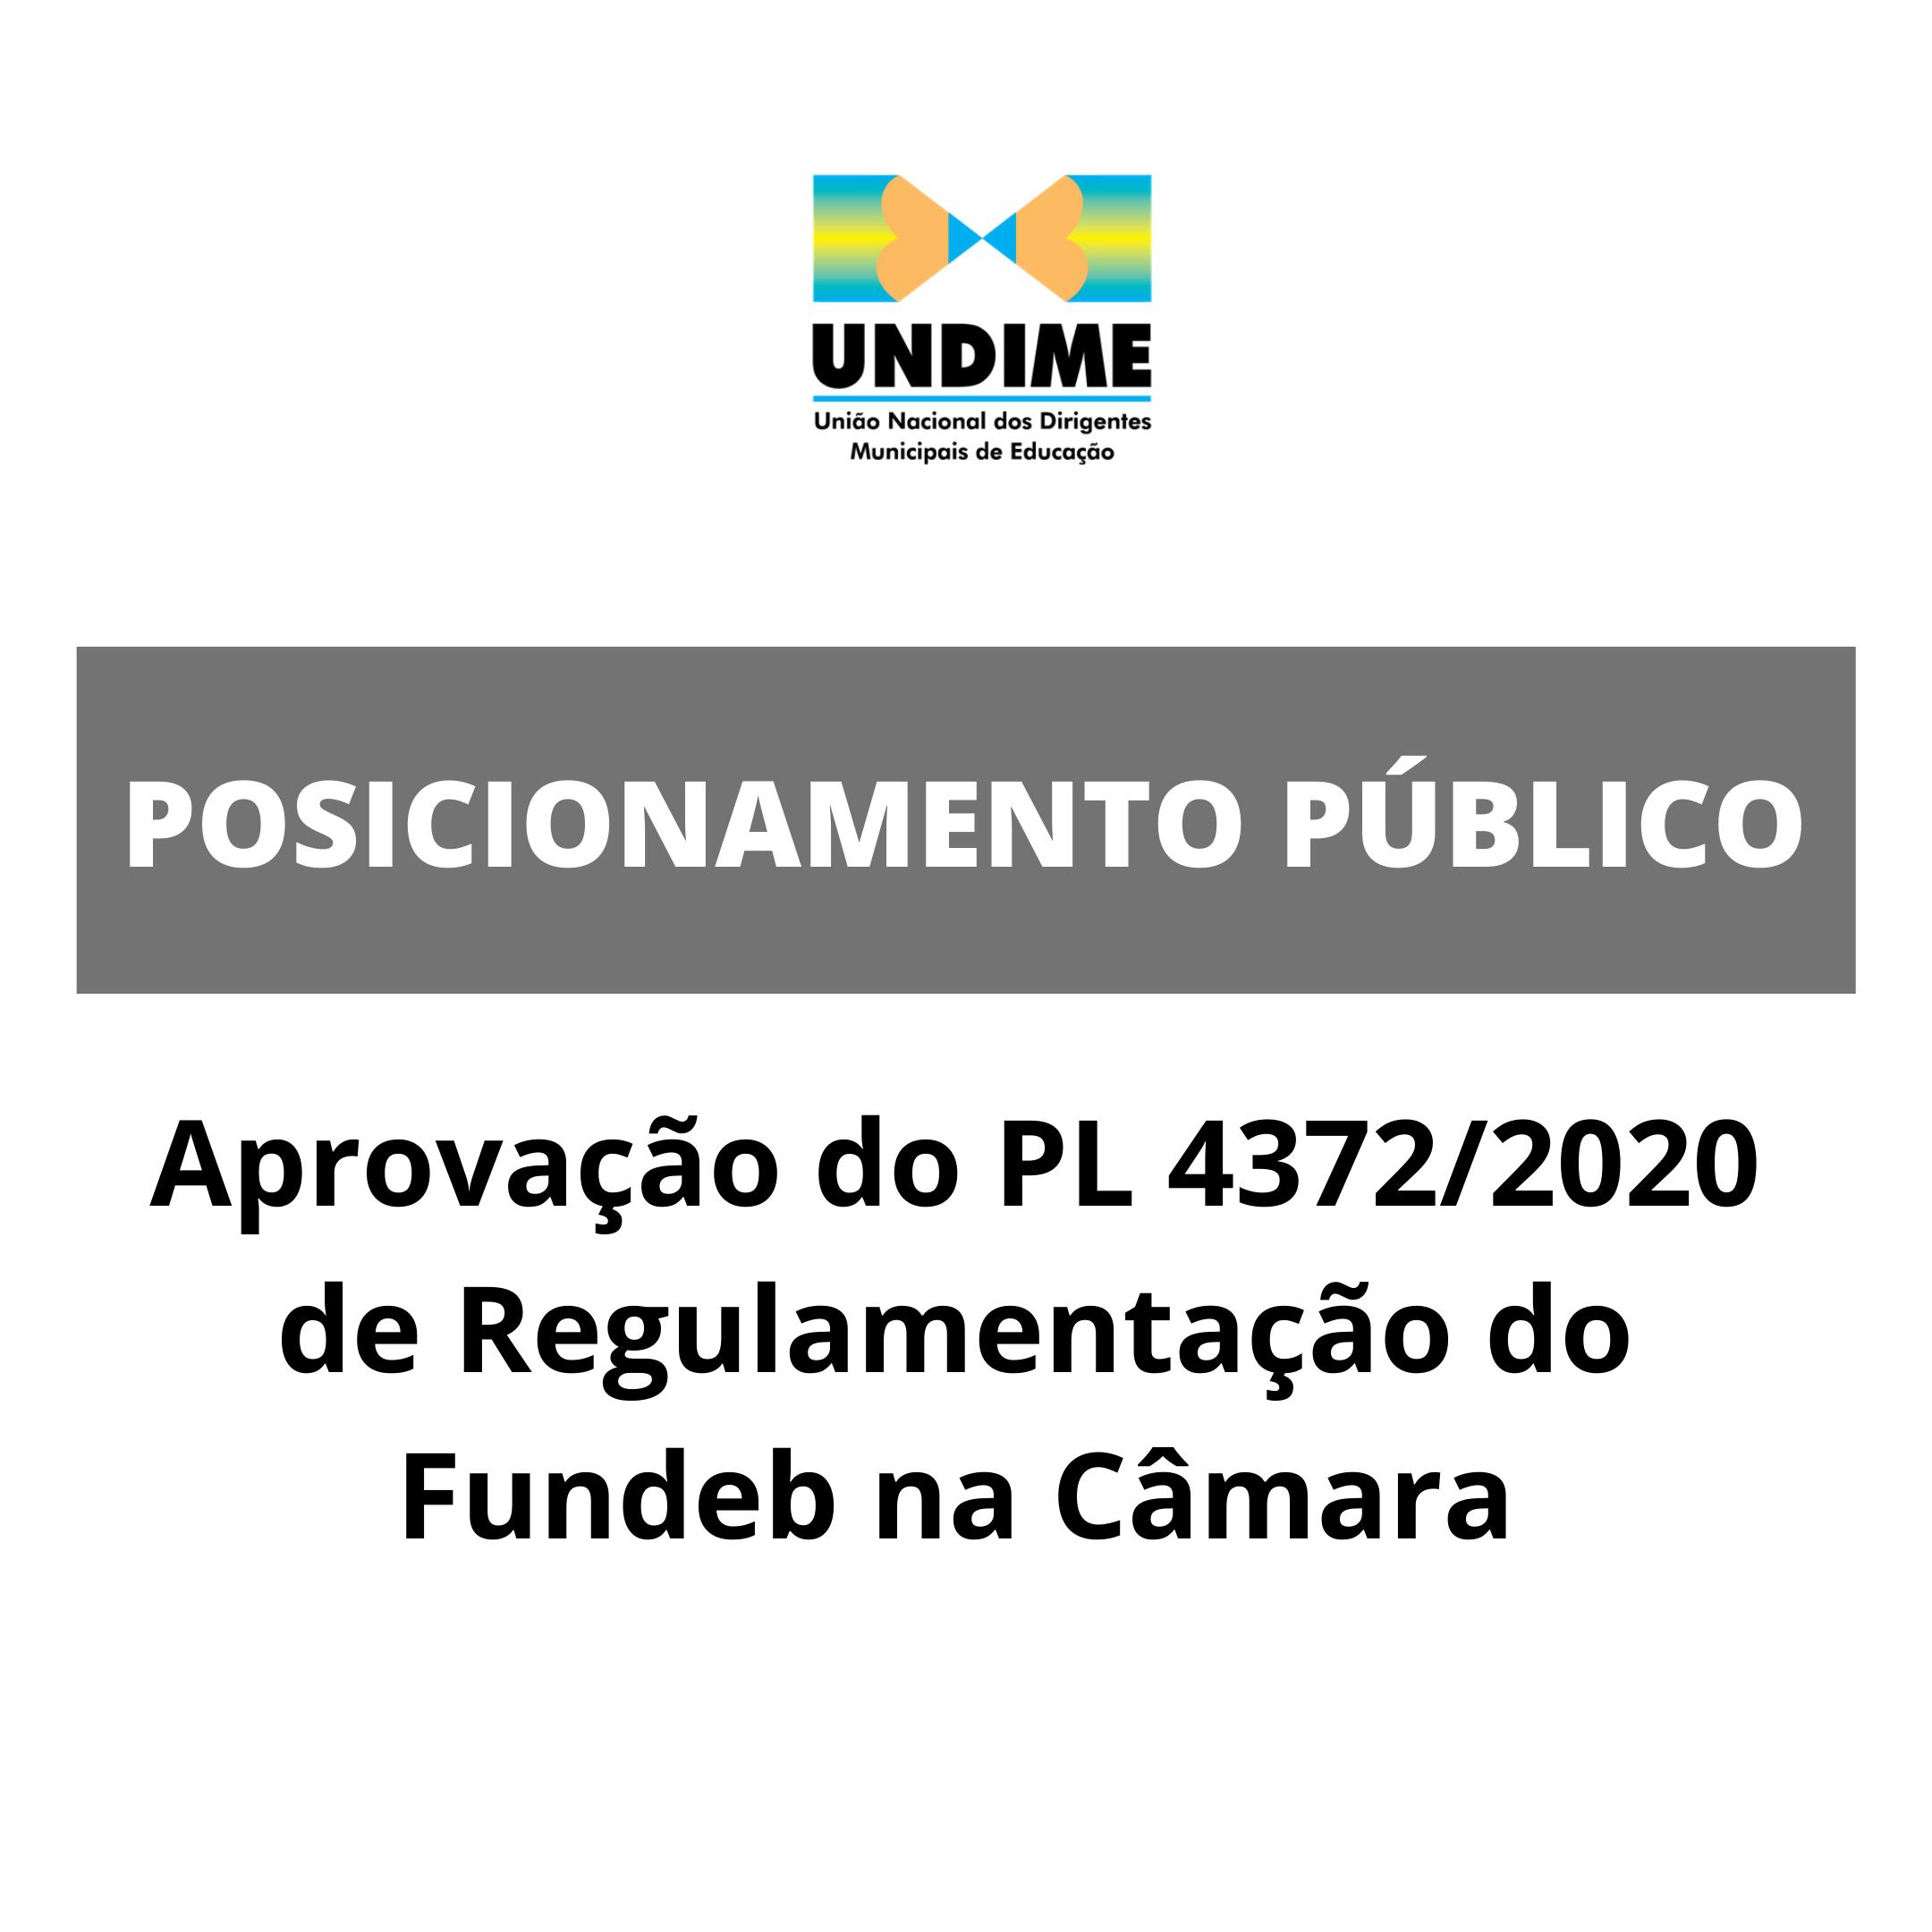 Posicionamento Público em relação à aprovação do PL 4372/2020 de regulamentação do Fundeb na Câmara